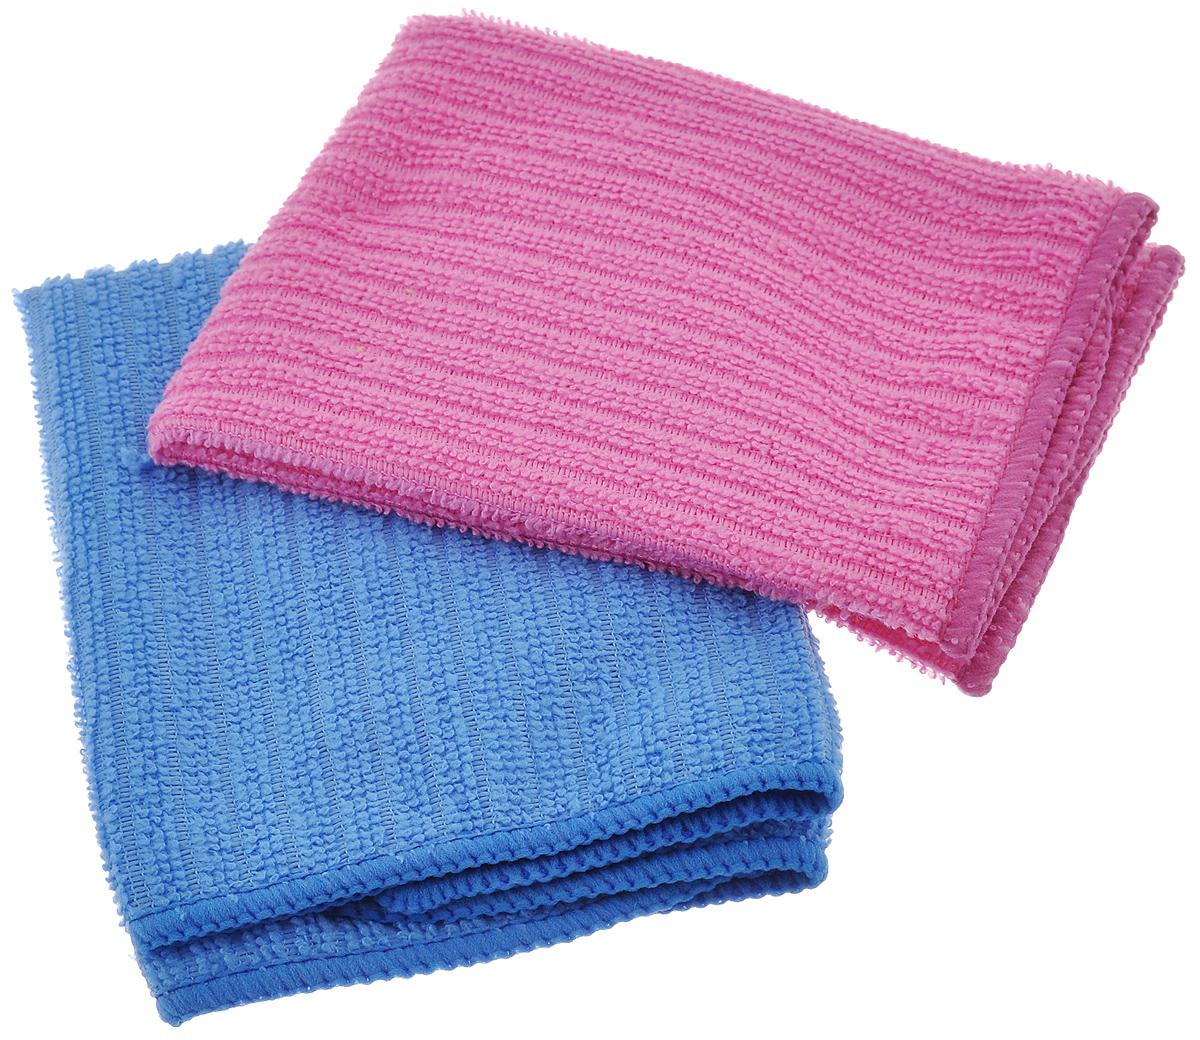 Салфетка из микрофибры Home Queen, цвет: синий, розовый, 30 х 30 см, 2 шт57048_синий. РозовыйСалфетка Home Queen изготовлена из микрофибры. Это великолепная гипоаллергенная ткань, изготовленная из тончайших полимерных микроволокон. Салфетка из микрофибры может поглощать количество пыли и влаги, в 7 раз превышающее ее собственный вес. Многочисленные поры между микроволокнами, благодаря капиллярному эффекту, мгновенно впитывают воду, подобно губке. Благодаря мелким порам микроволокна, любые капельки, остающиеся на чистящей поверхности, очень быстро испаряются, и остается чистая дорожка без полос и разводов. В сухом виде при вытирании поверхности волокна микрофибры электризуются и притягивают к себе микробов, мельчайшие частицы пыли и грязи, удерживая их в своих микропорах.